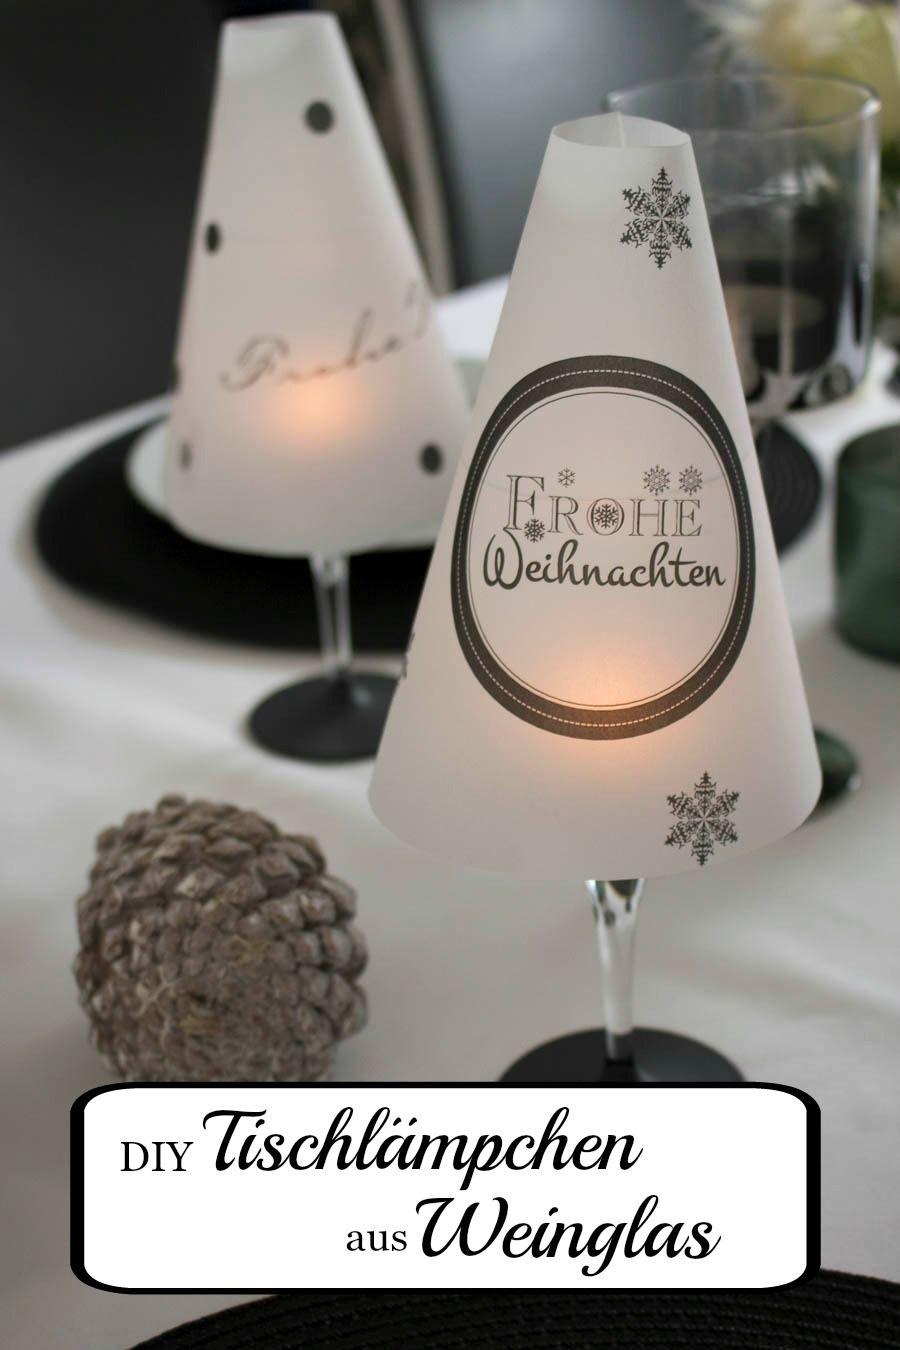 DIY Tischlämpchen aus einem Weinglas für die Weihnachtstafel #silvesterdekotisch